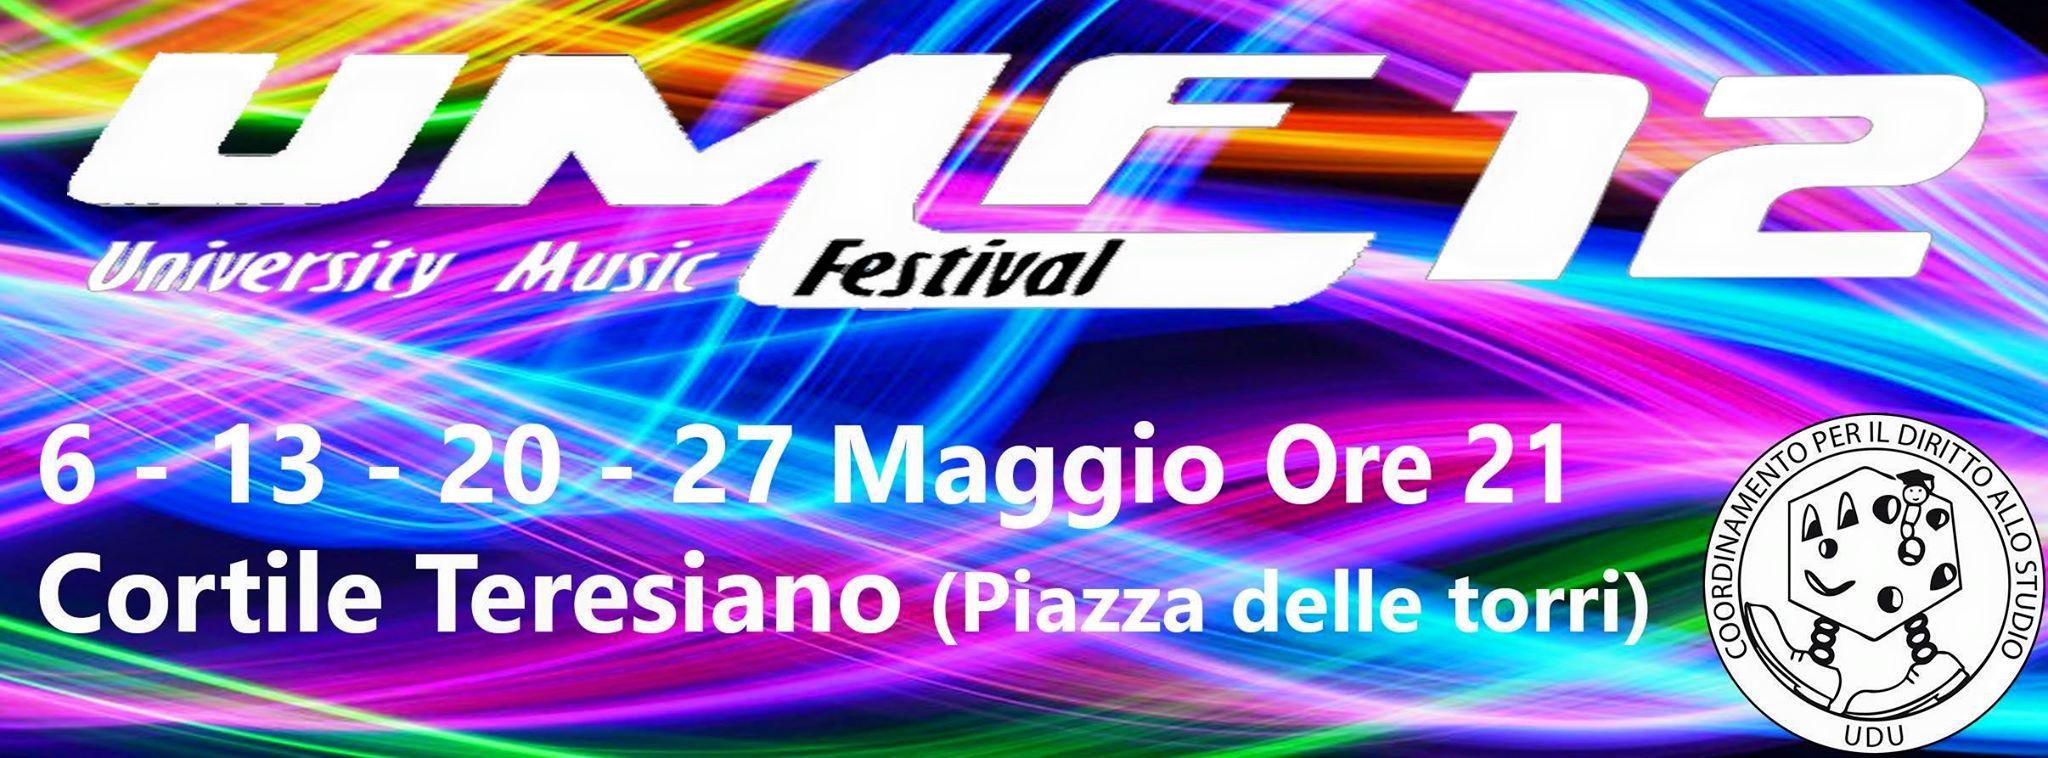 27 maggio - University Music Festival 2015